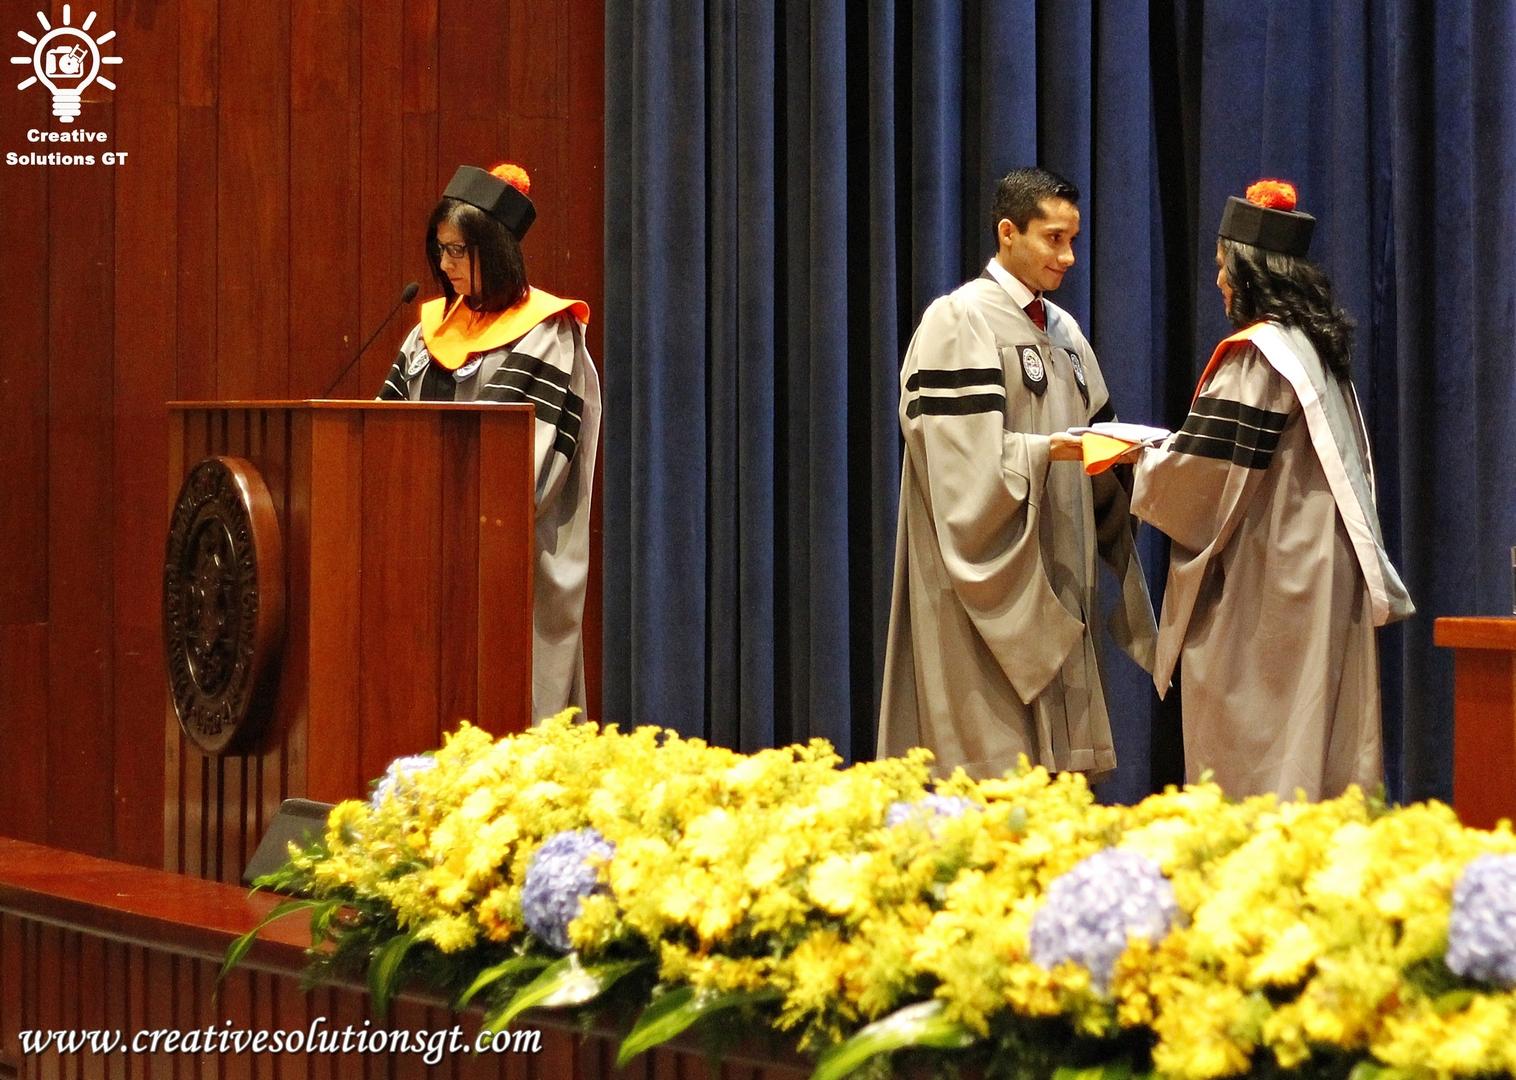 servicio de fotografo para graduacion en guatemala (2)